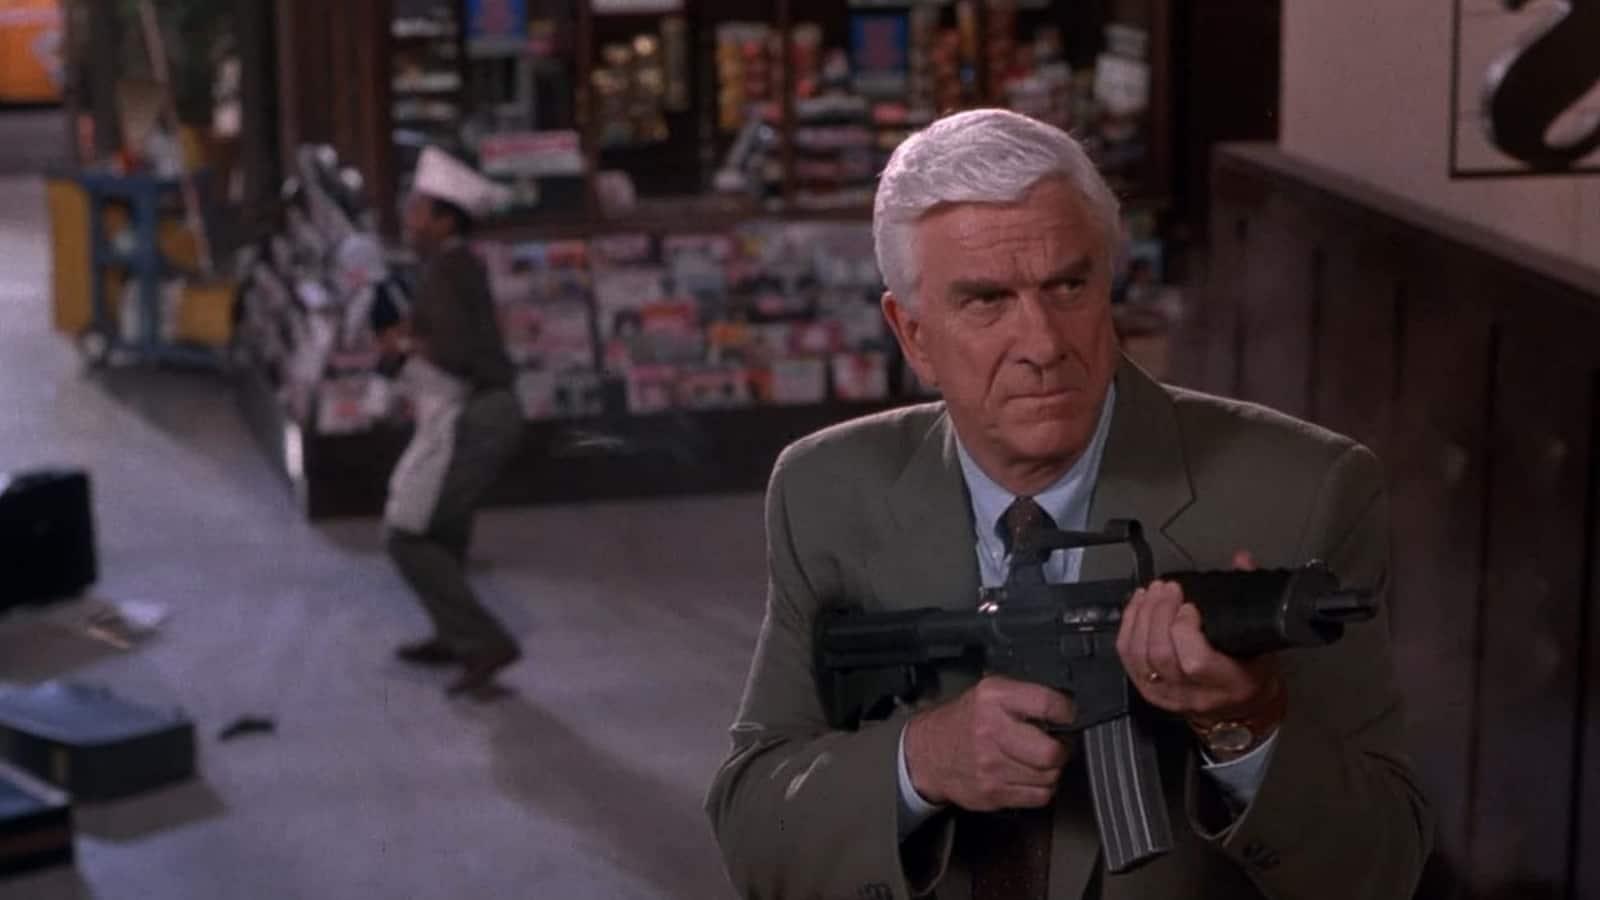 nakna-pistolen-33-13-den-slutgiltiga-forolampningen-1994